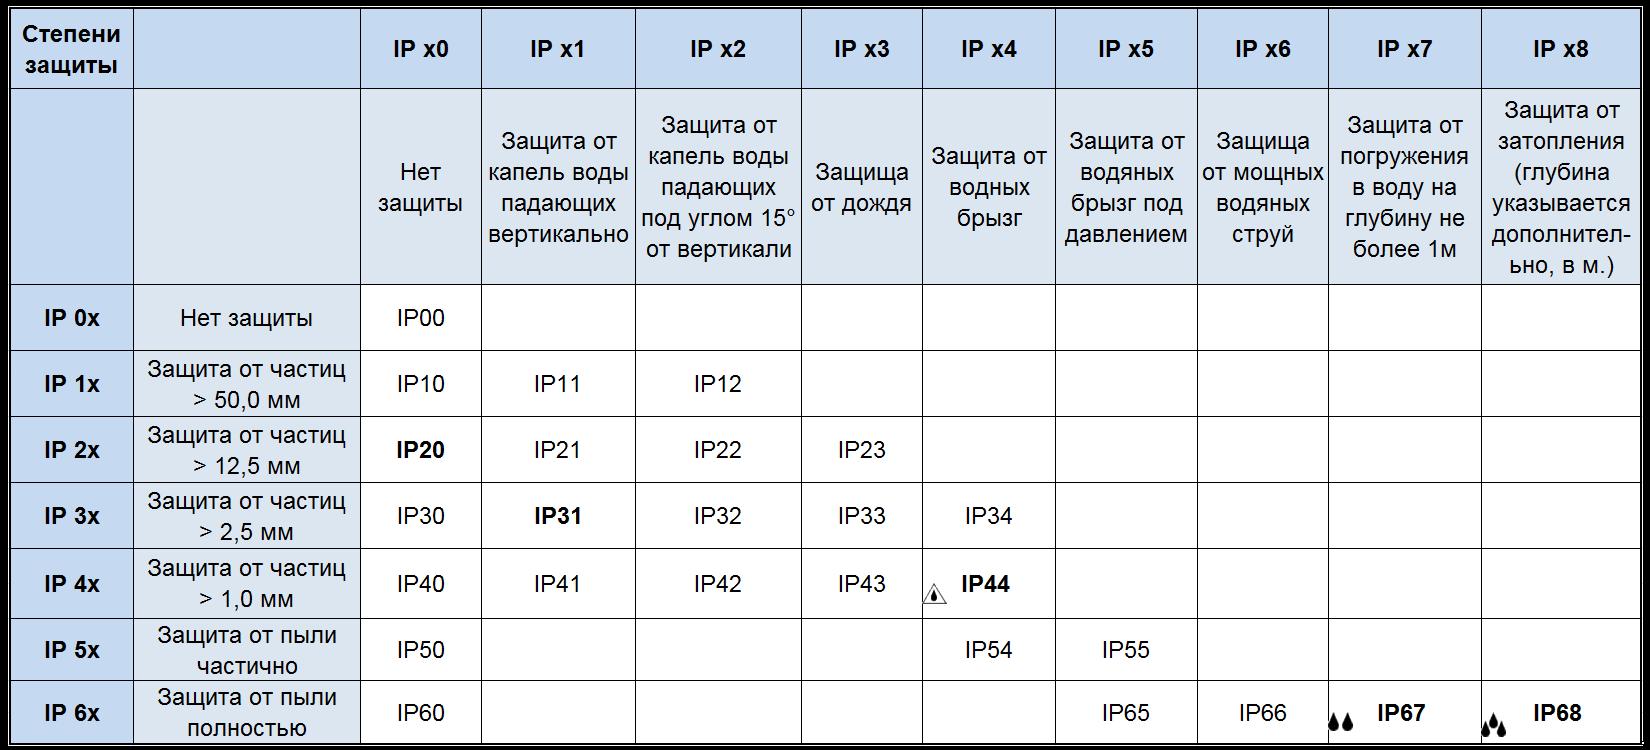 Электропривод степень защиты IP 54, номинальный момент Нм=500 - 575, 220В